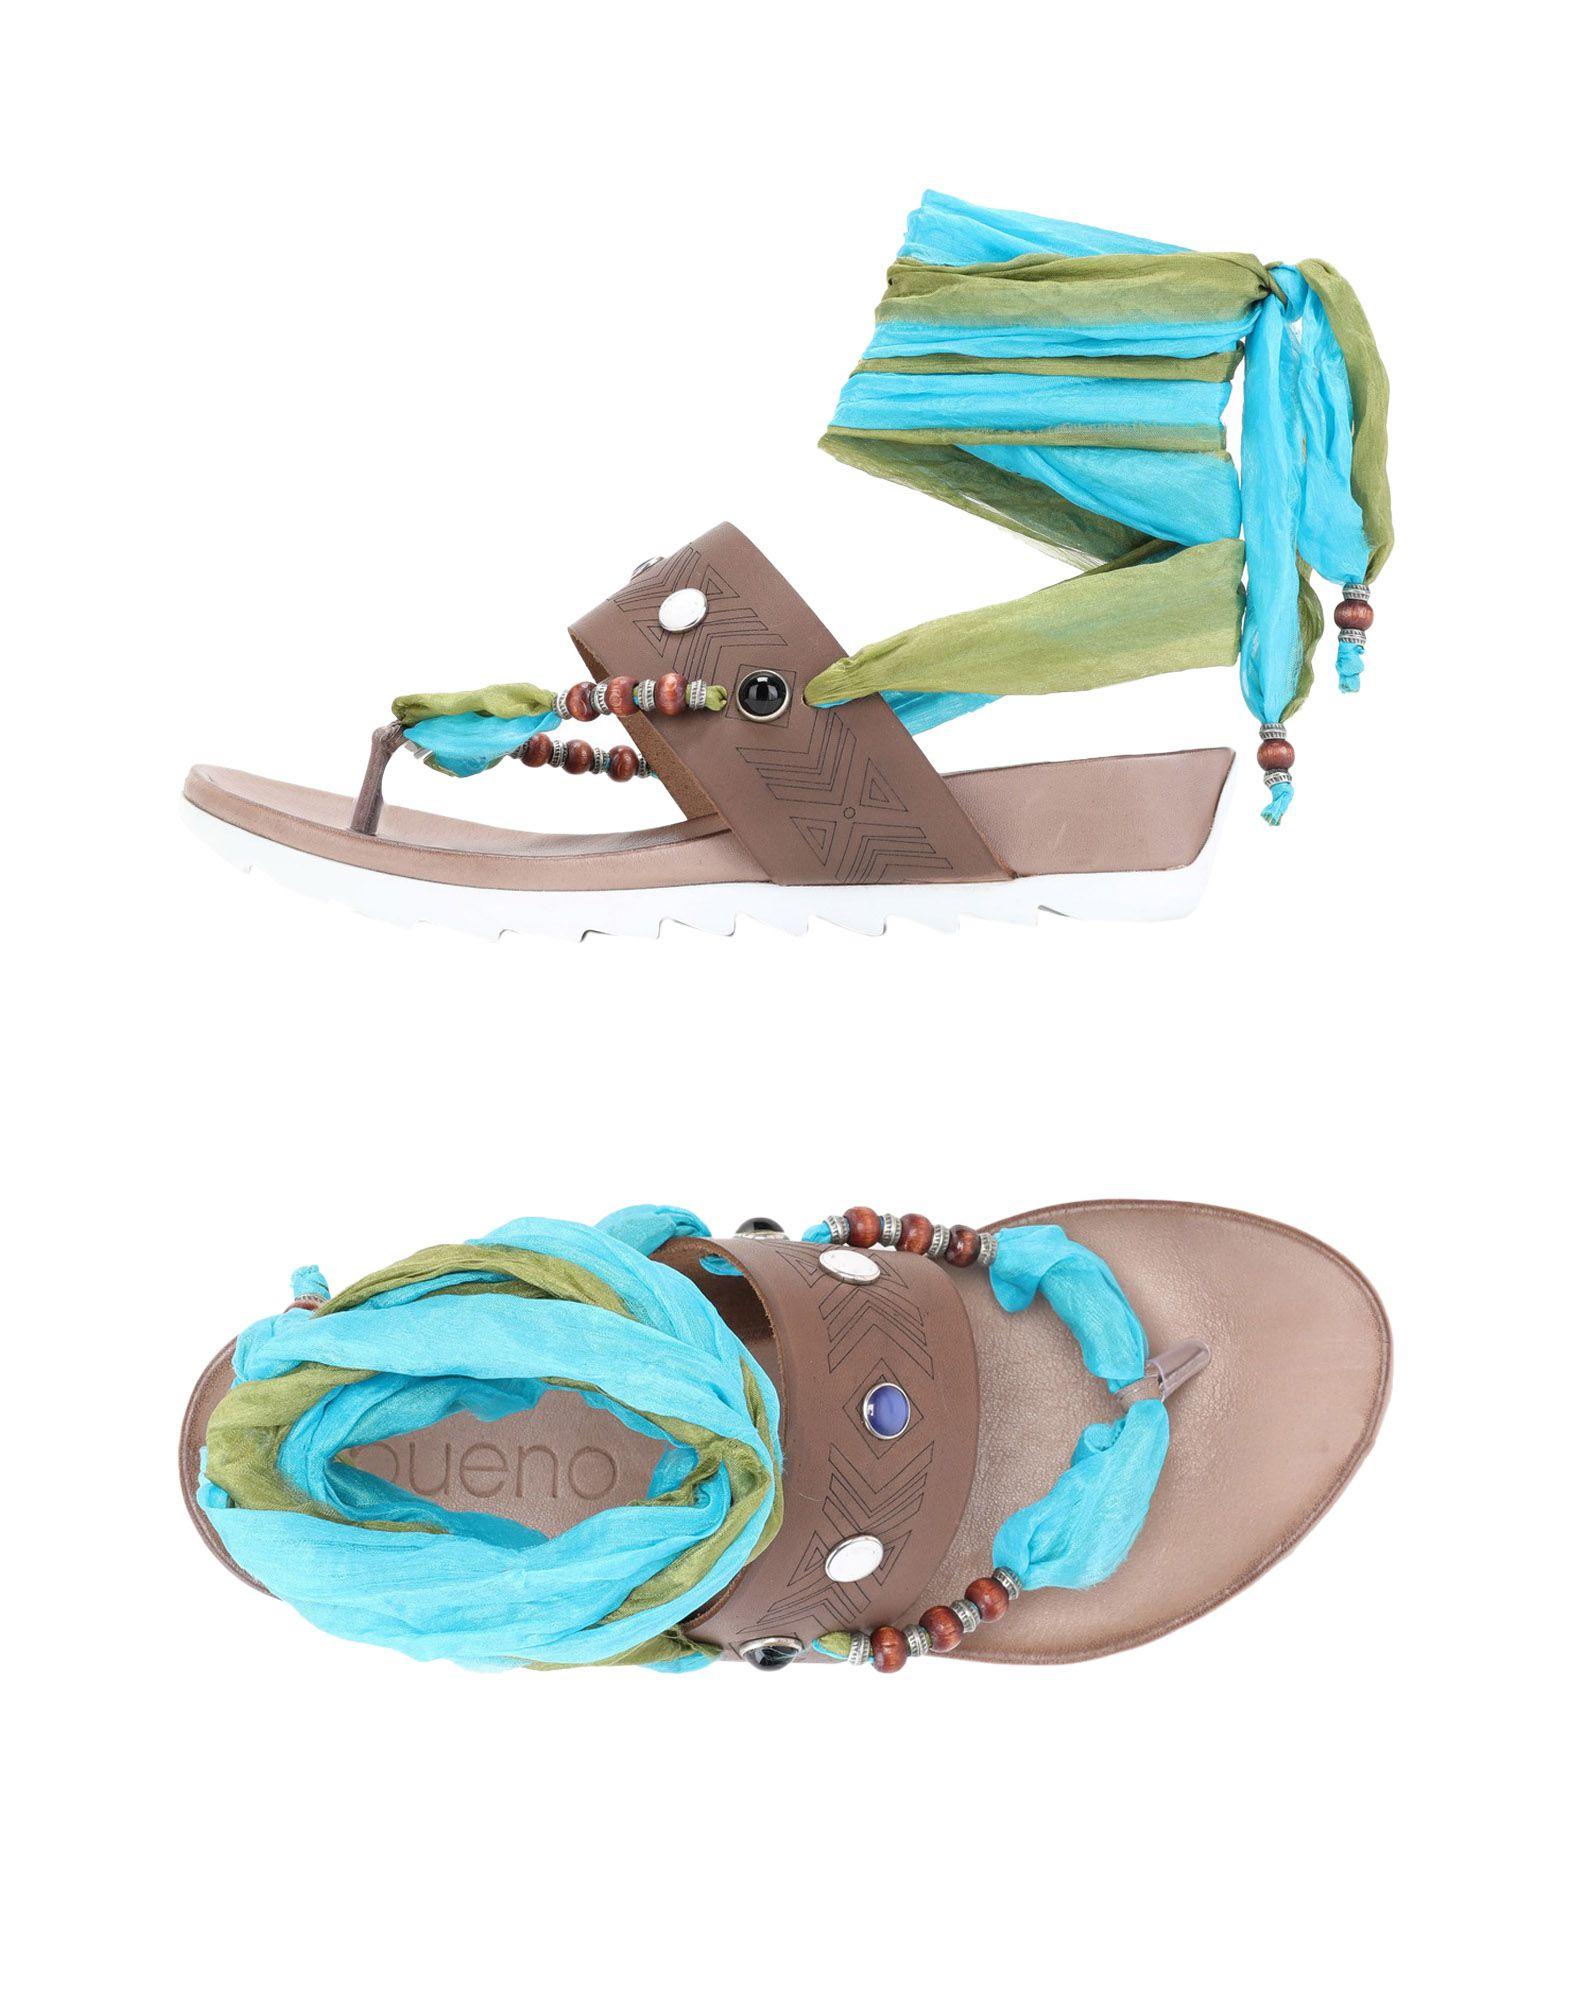 Haltbare Mode billige Schuhe Bueno Dianetten Damen  11359573FT Heiße Schuhe